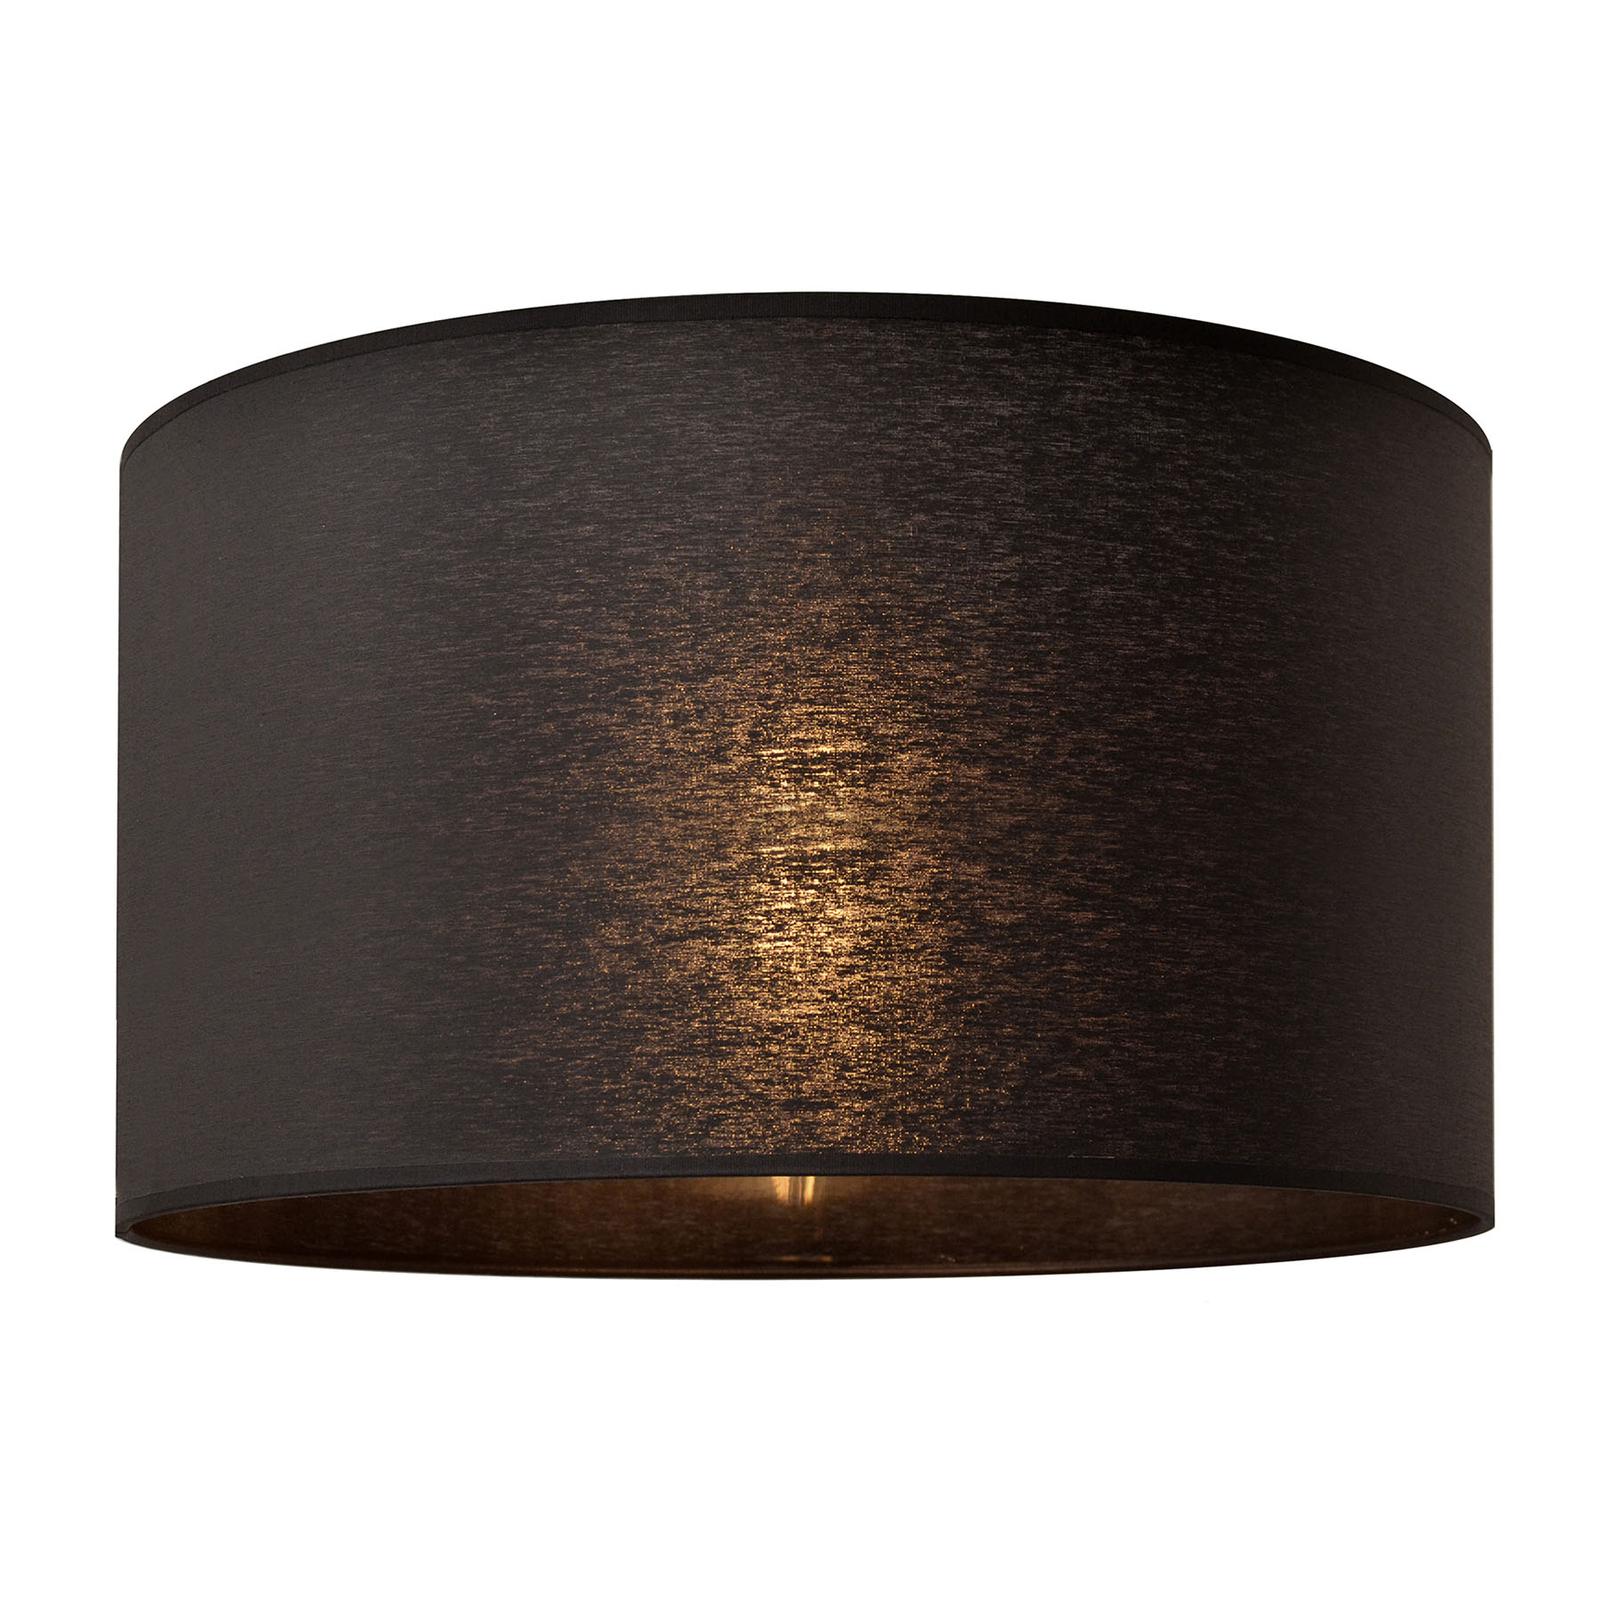 Lampeskjerm Alba, Ø 45 cm, E27, svart